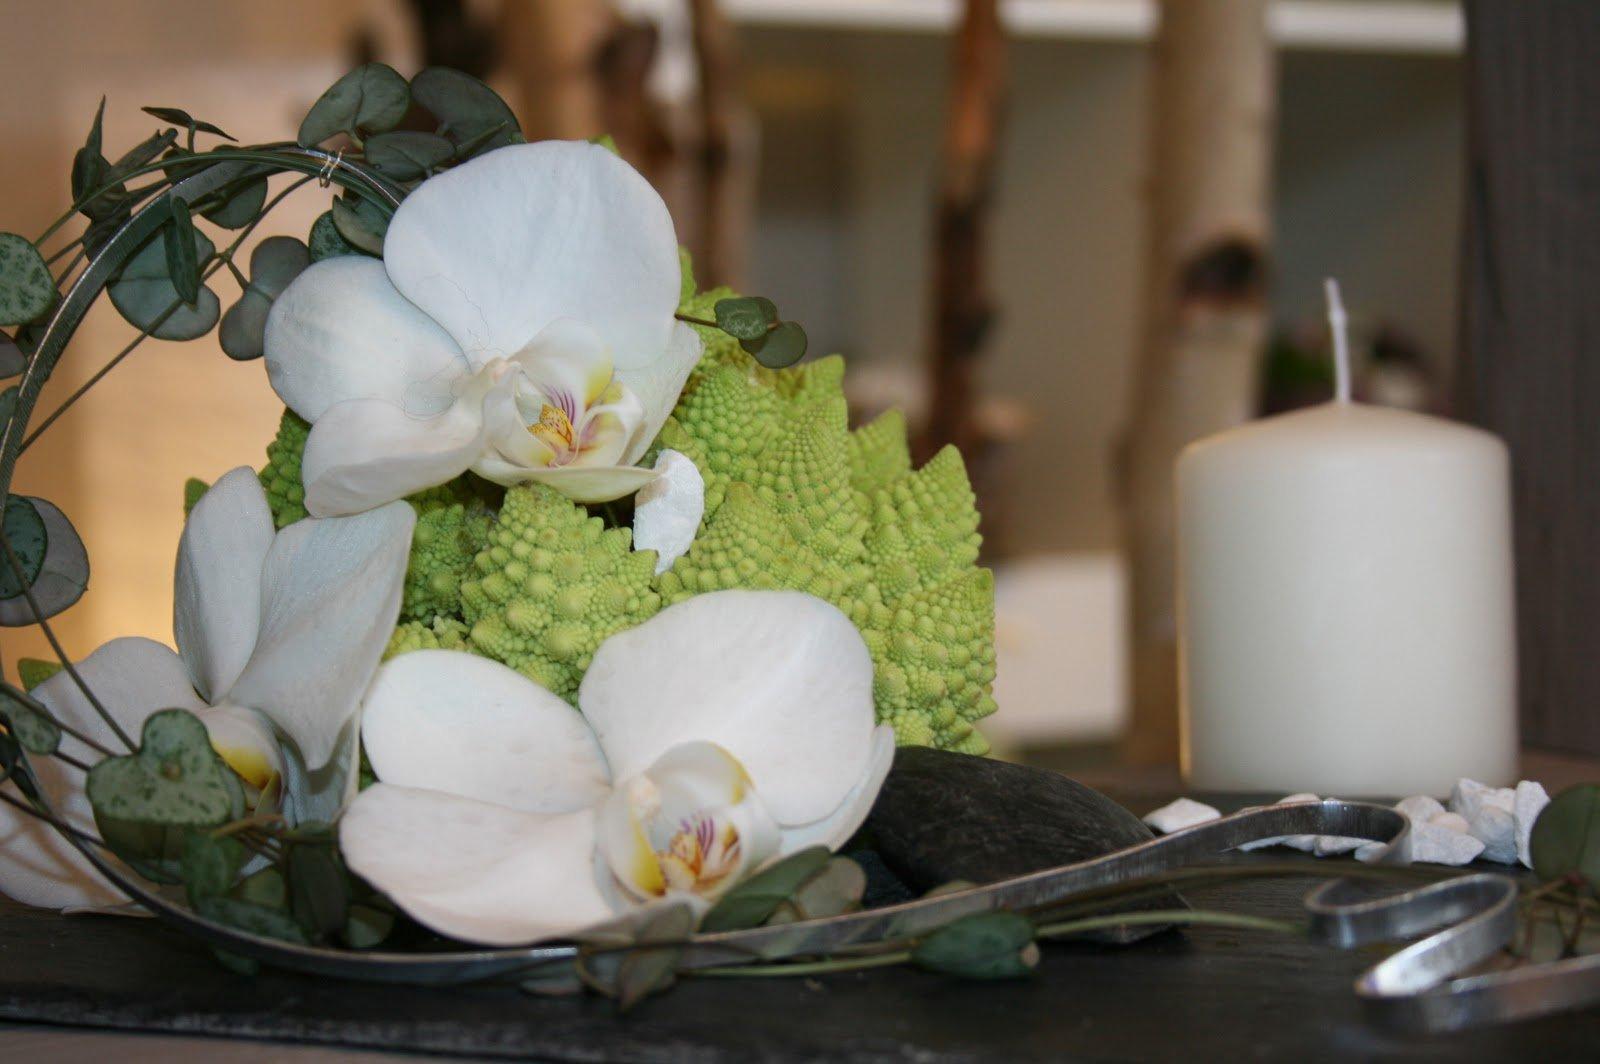 D co table mariage 20 07 2013 bucolique boh me eph et nic photos club - Deco mariage bucolique ...